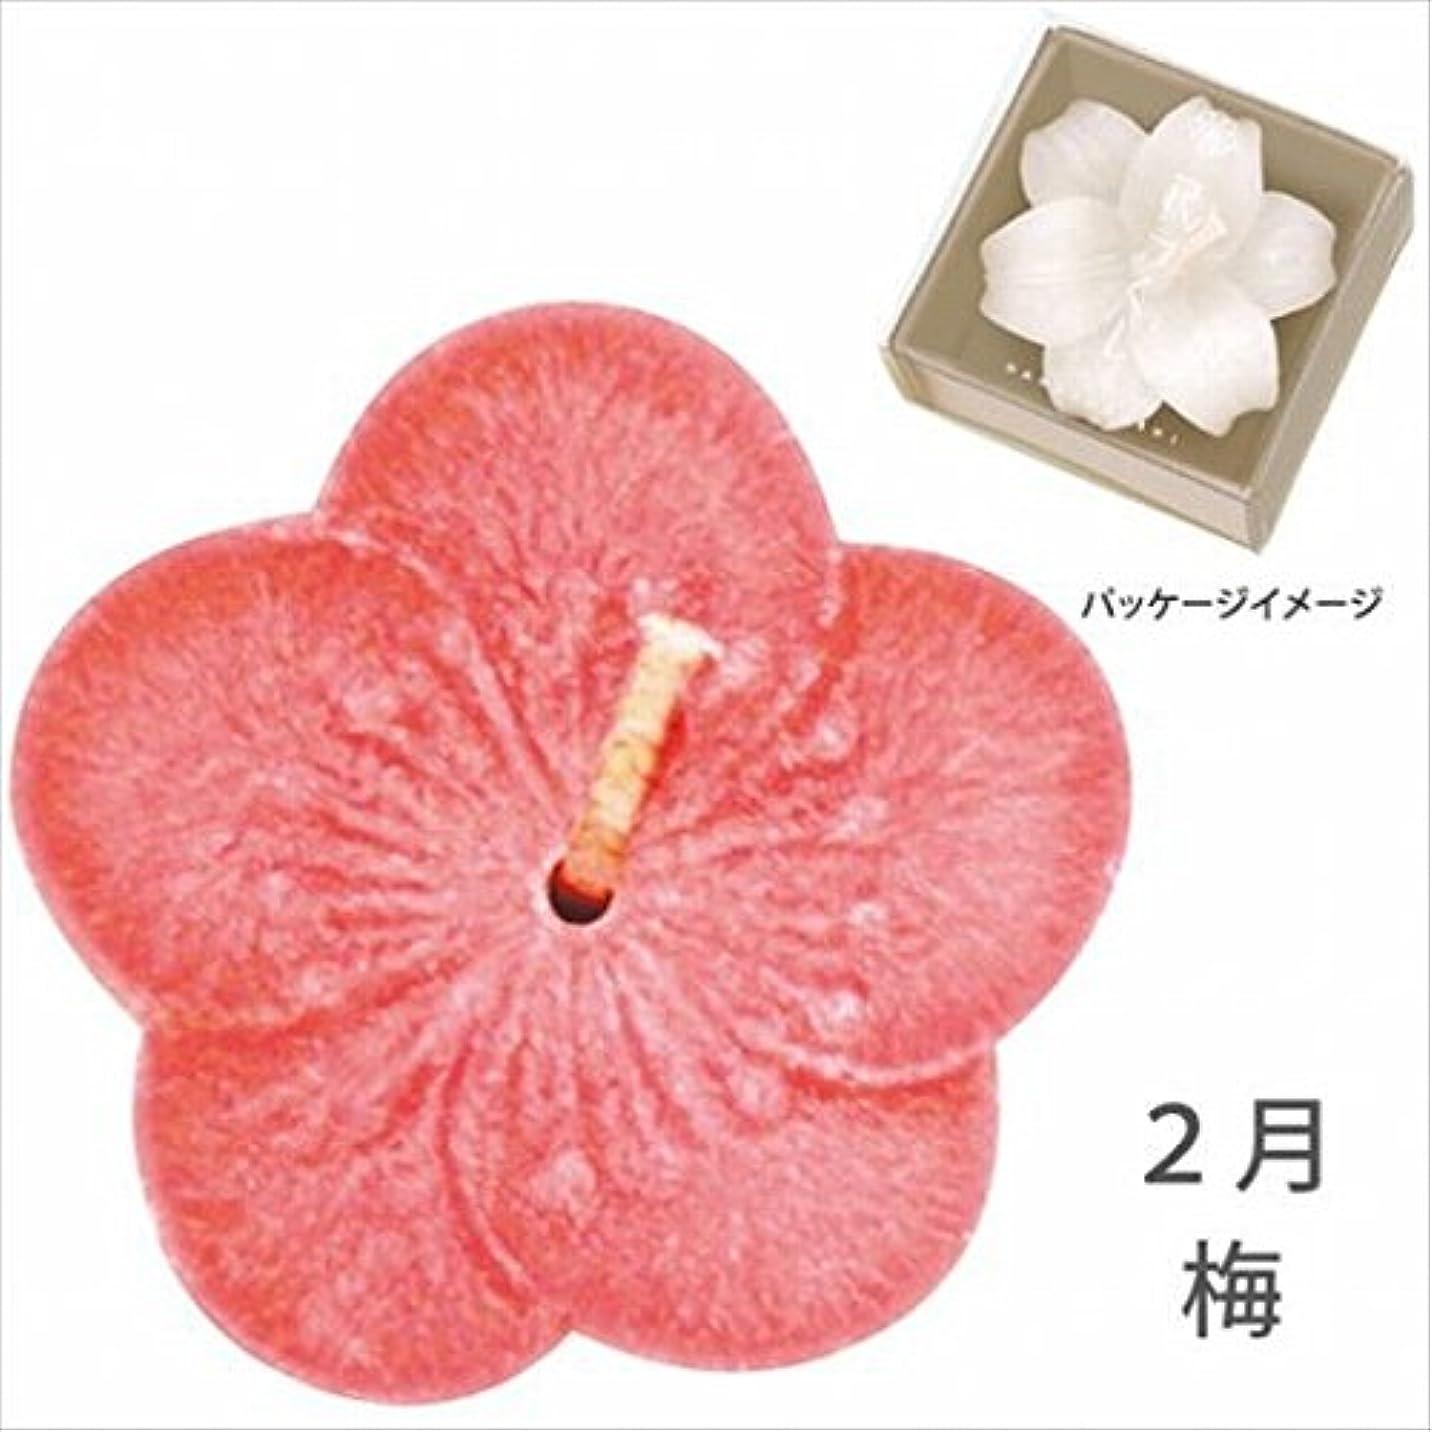 ベスト香ばしい忠誠カメヤマキャンドル( kameyama candle ) 花づくし(植物性) 梅 「 梅(2月) 」 キャンドル